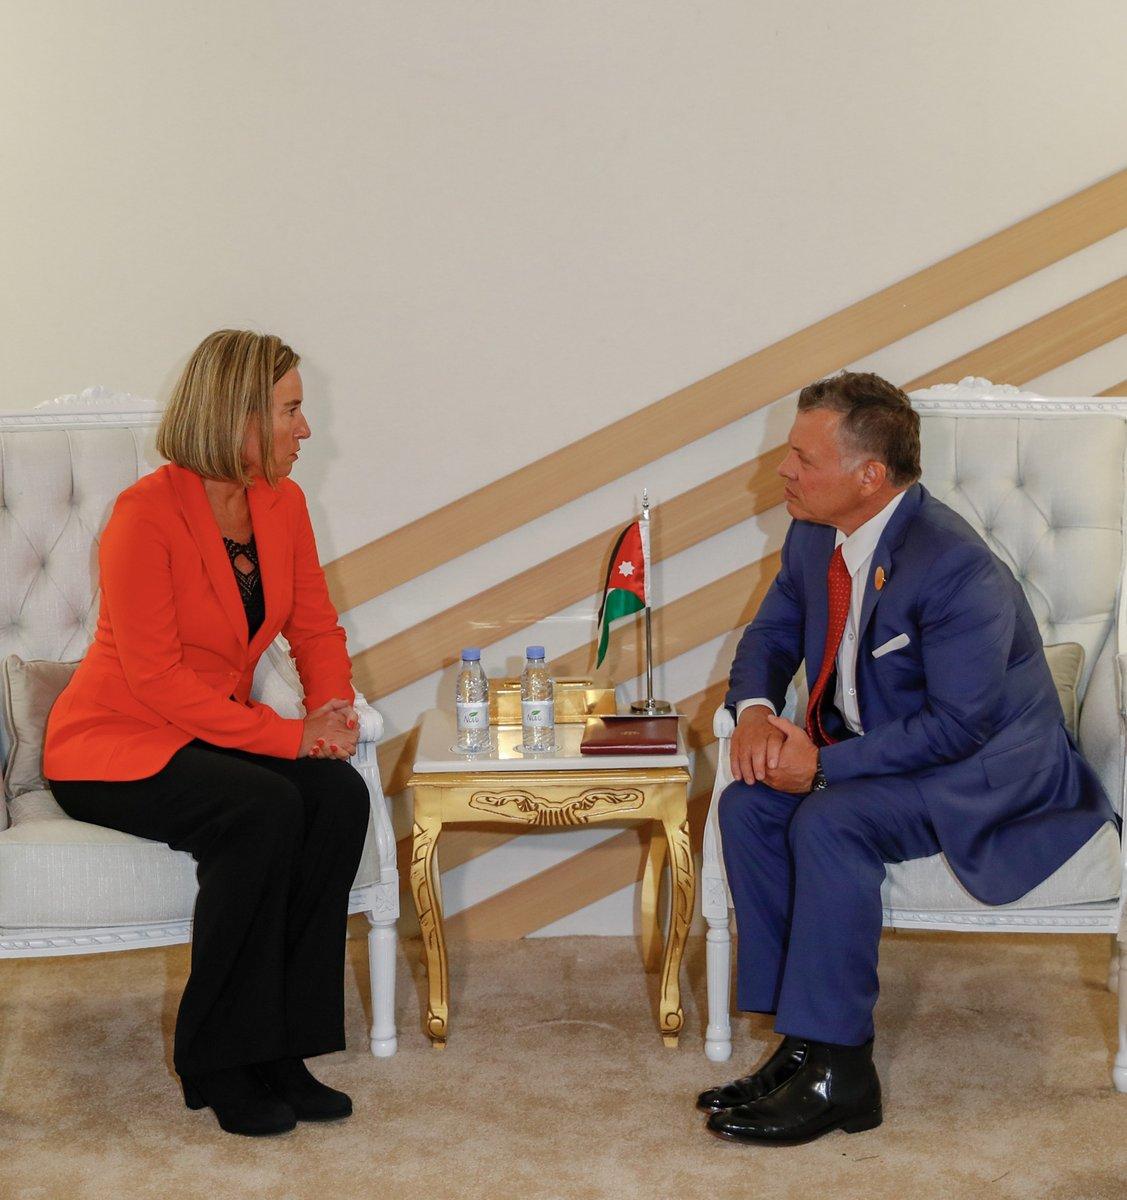 جلالة الملك يلتقي الممثلة العليا للشؤون الخارجية والسياسة الأمنية في الاتحاد الأوروبي